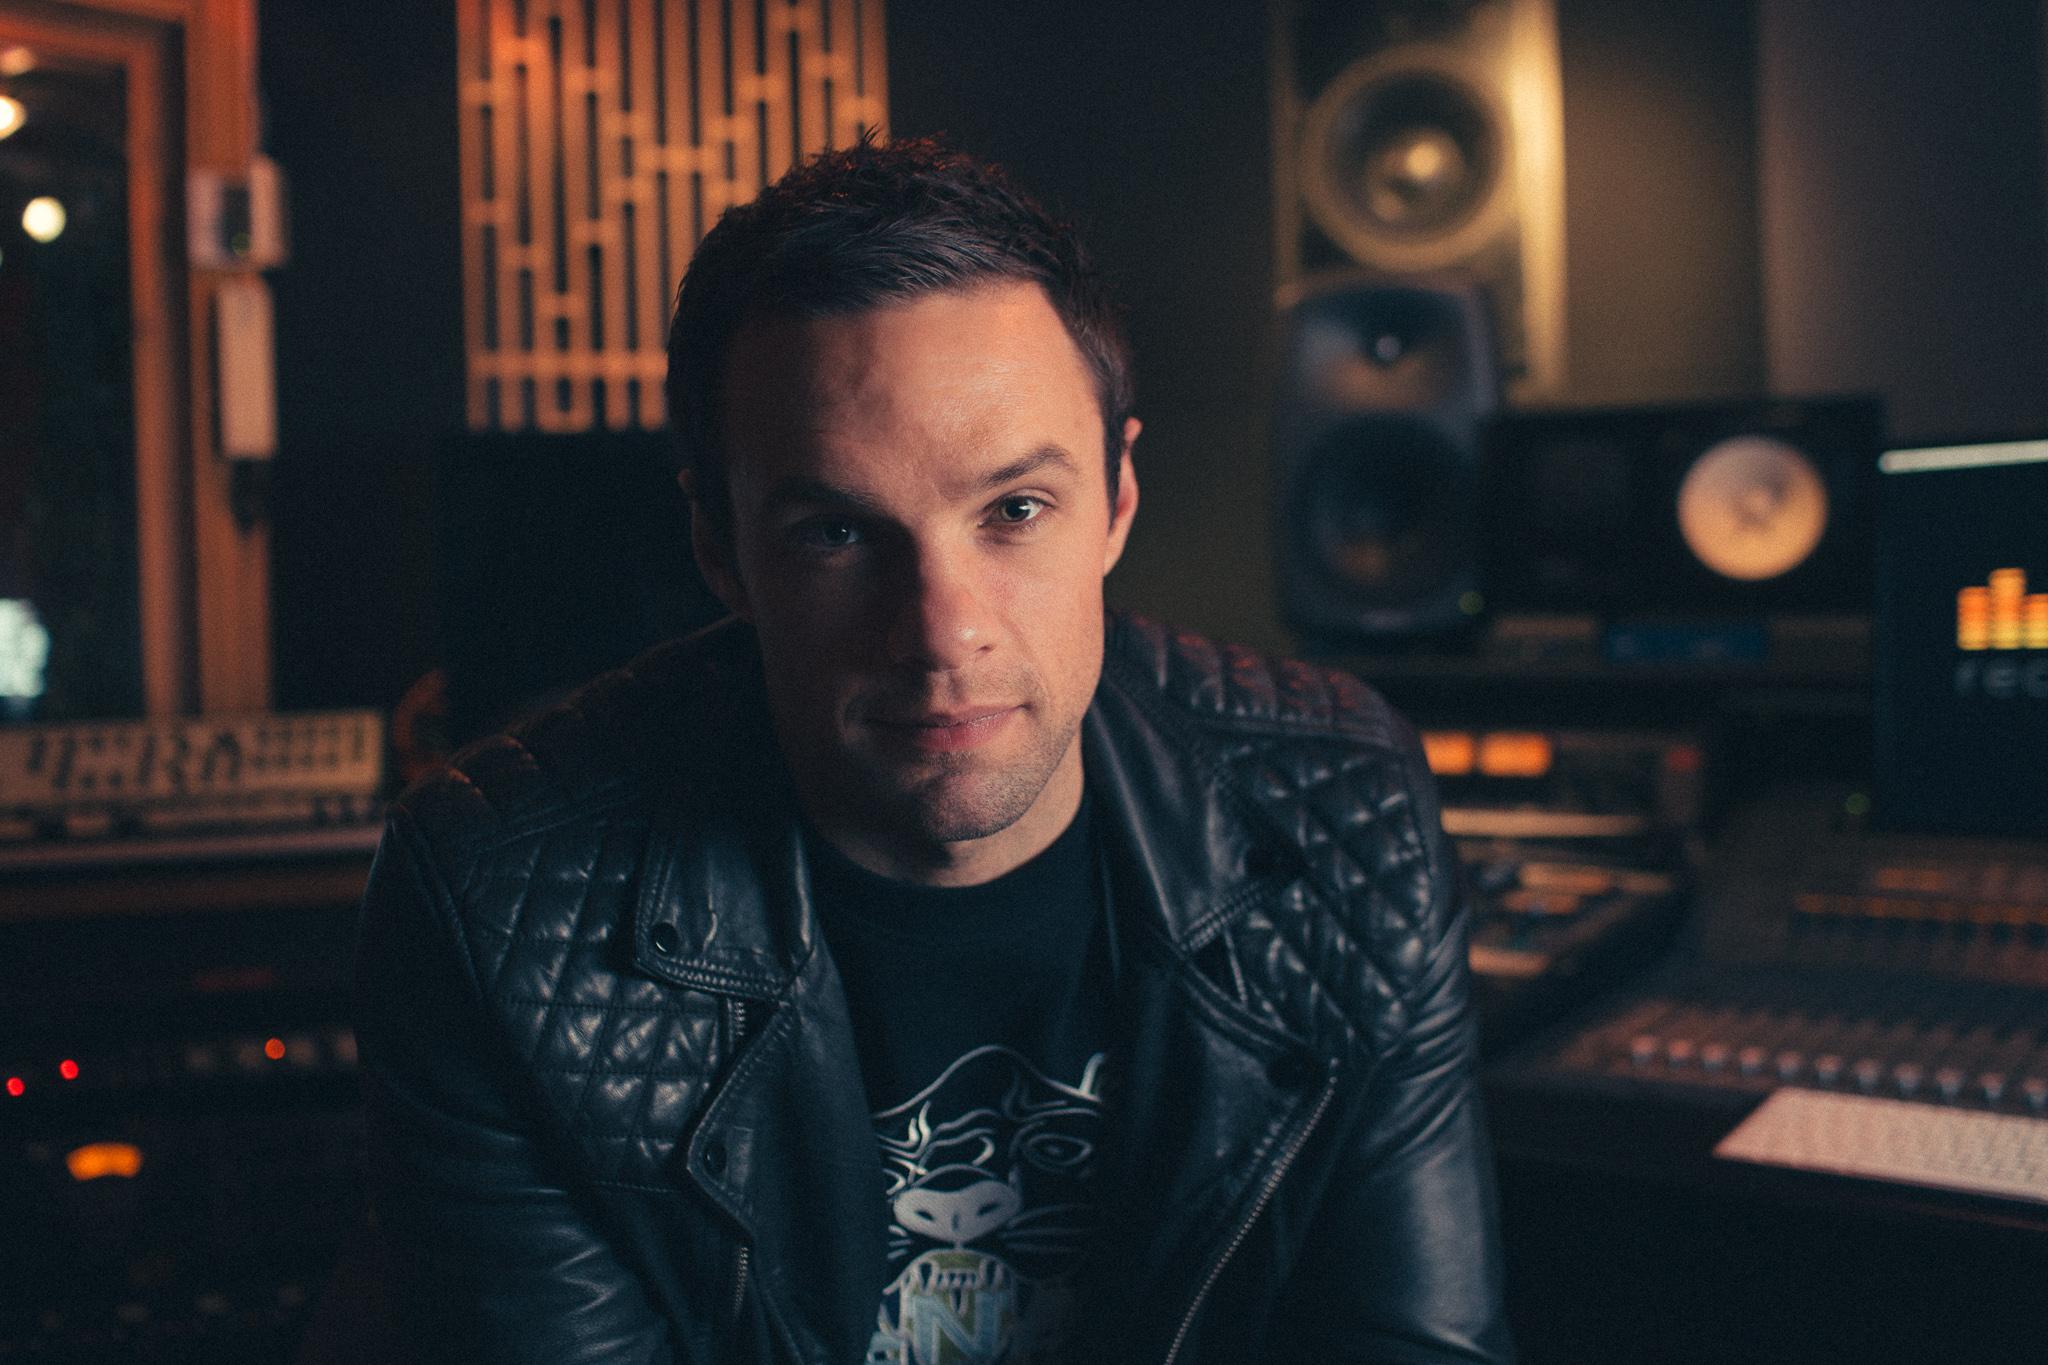 Niall Breslin - Owner • Songwriter • Musician